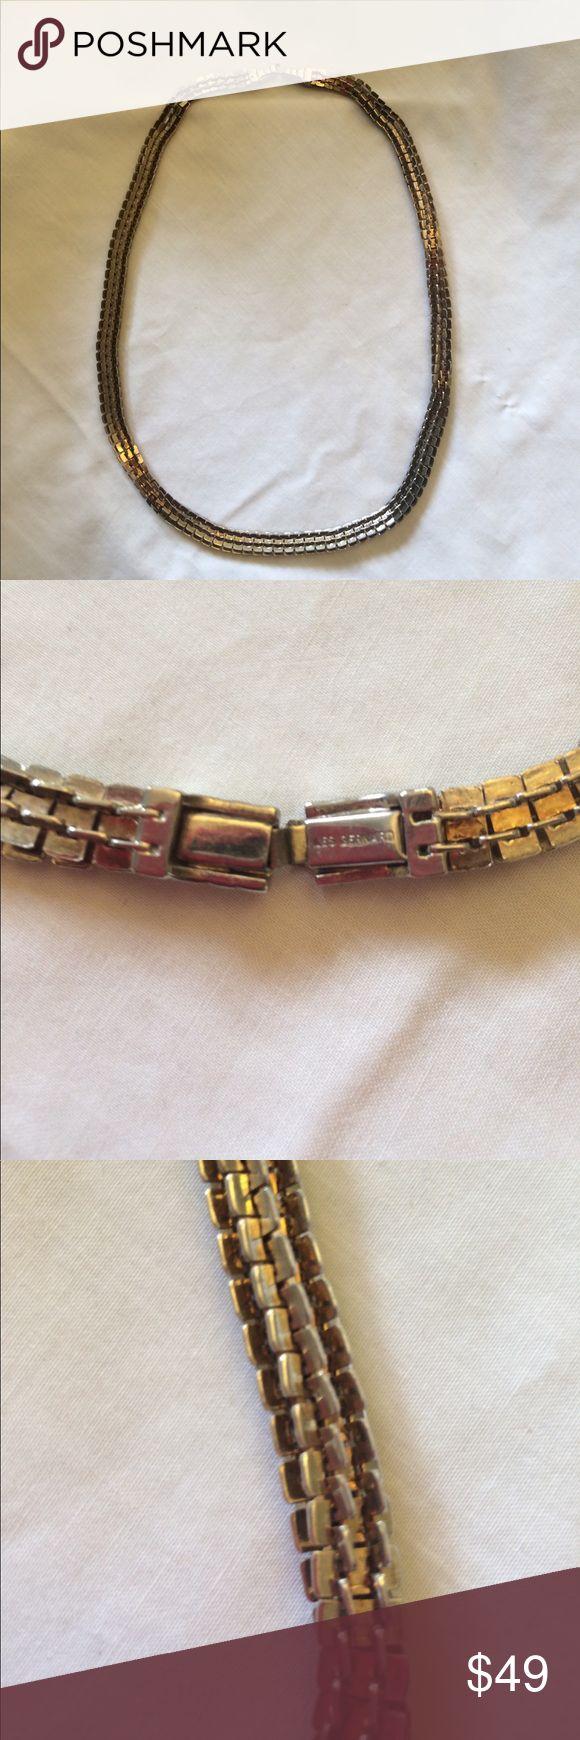 Les Bernard vintage box link necklace Vintage Les Bernard box link necklace. High quality costume jewelry maker. Les Bernard Jewelry Necklaces